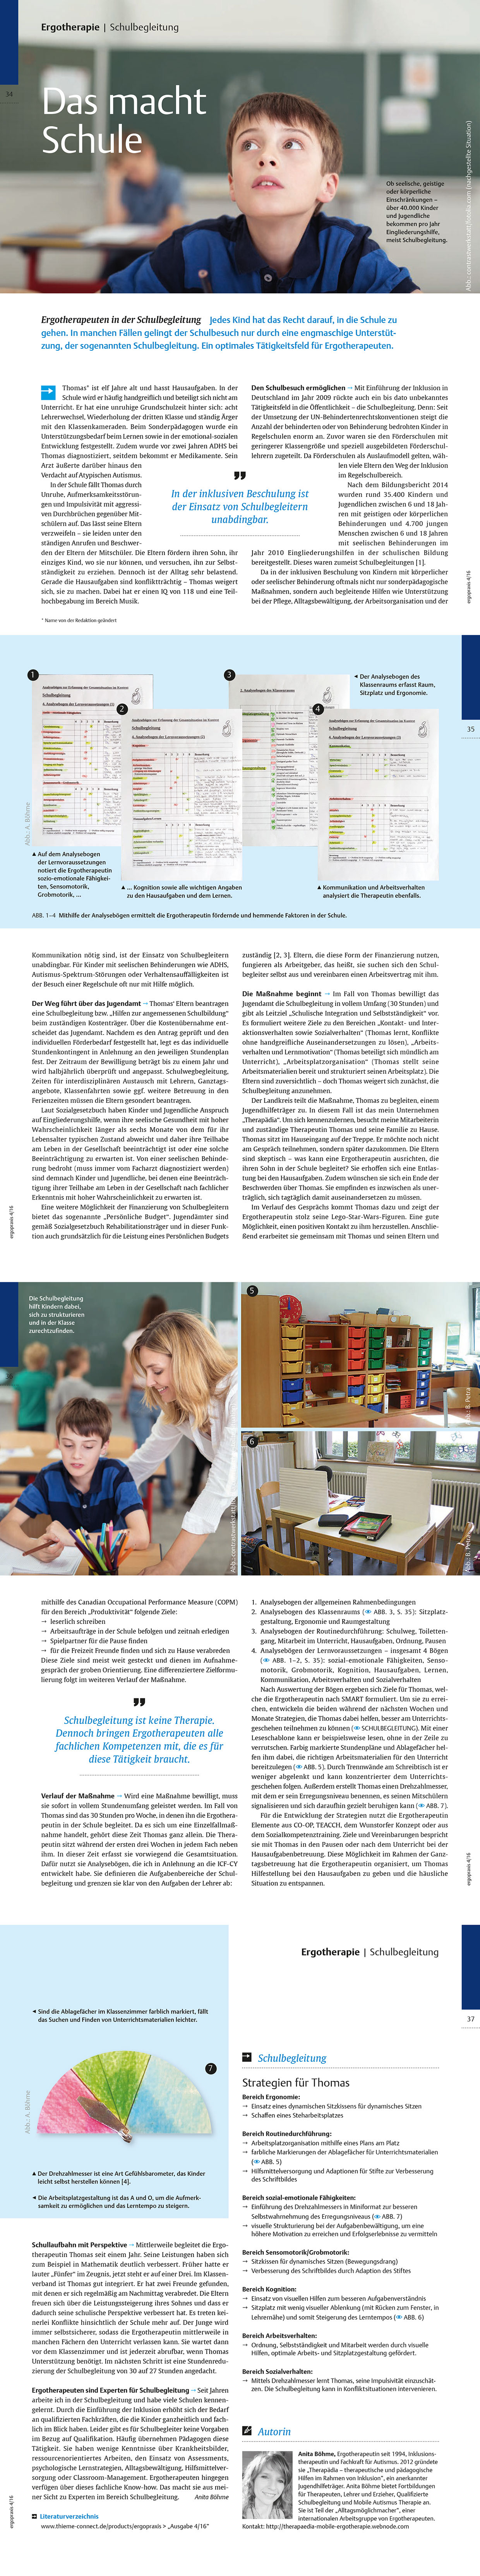 Publikation in der Ergopraxis zum Thema Schulbegleitung